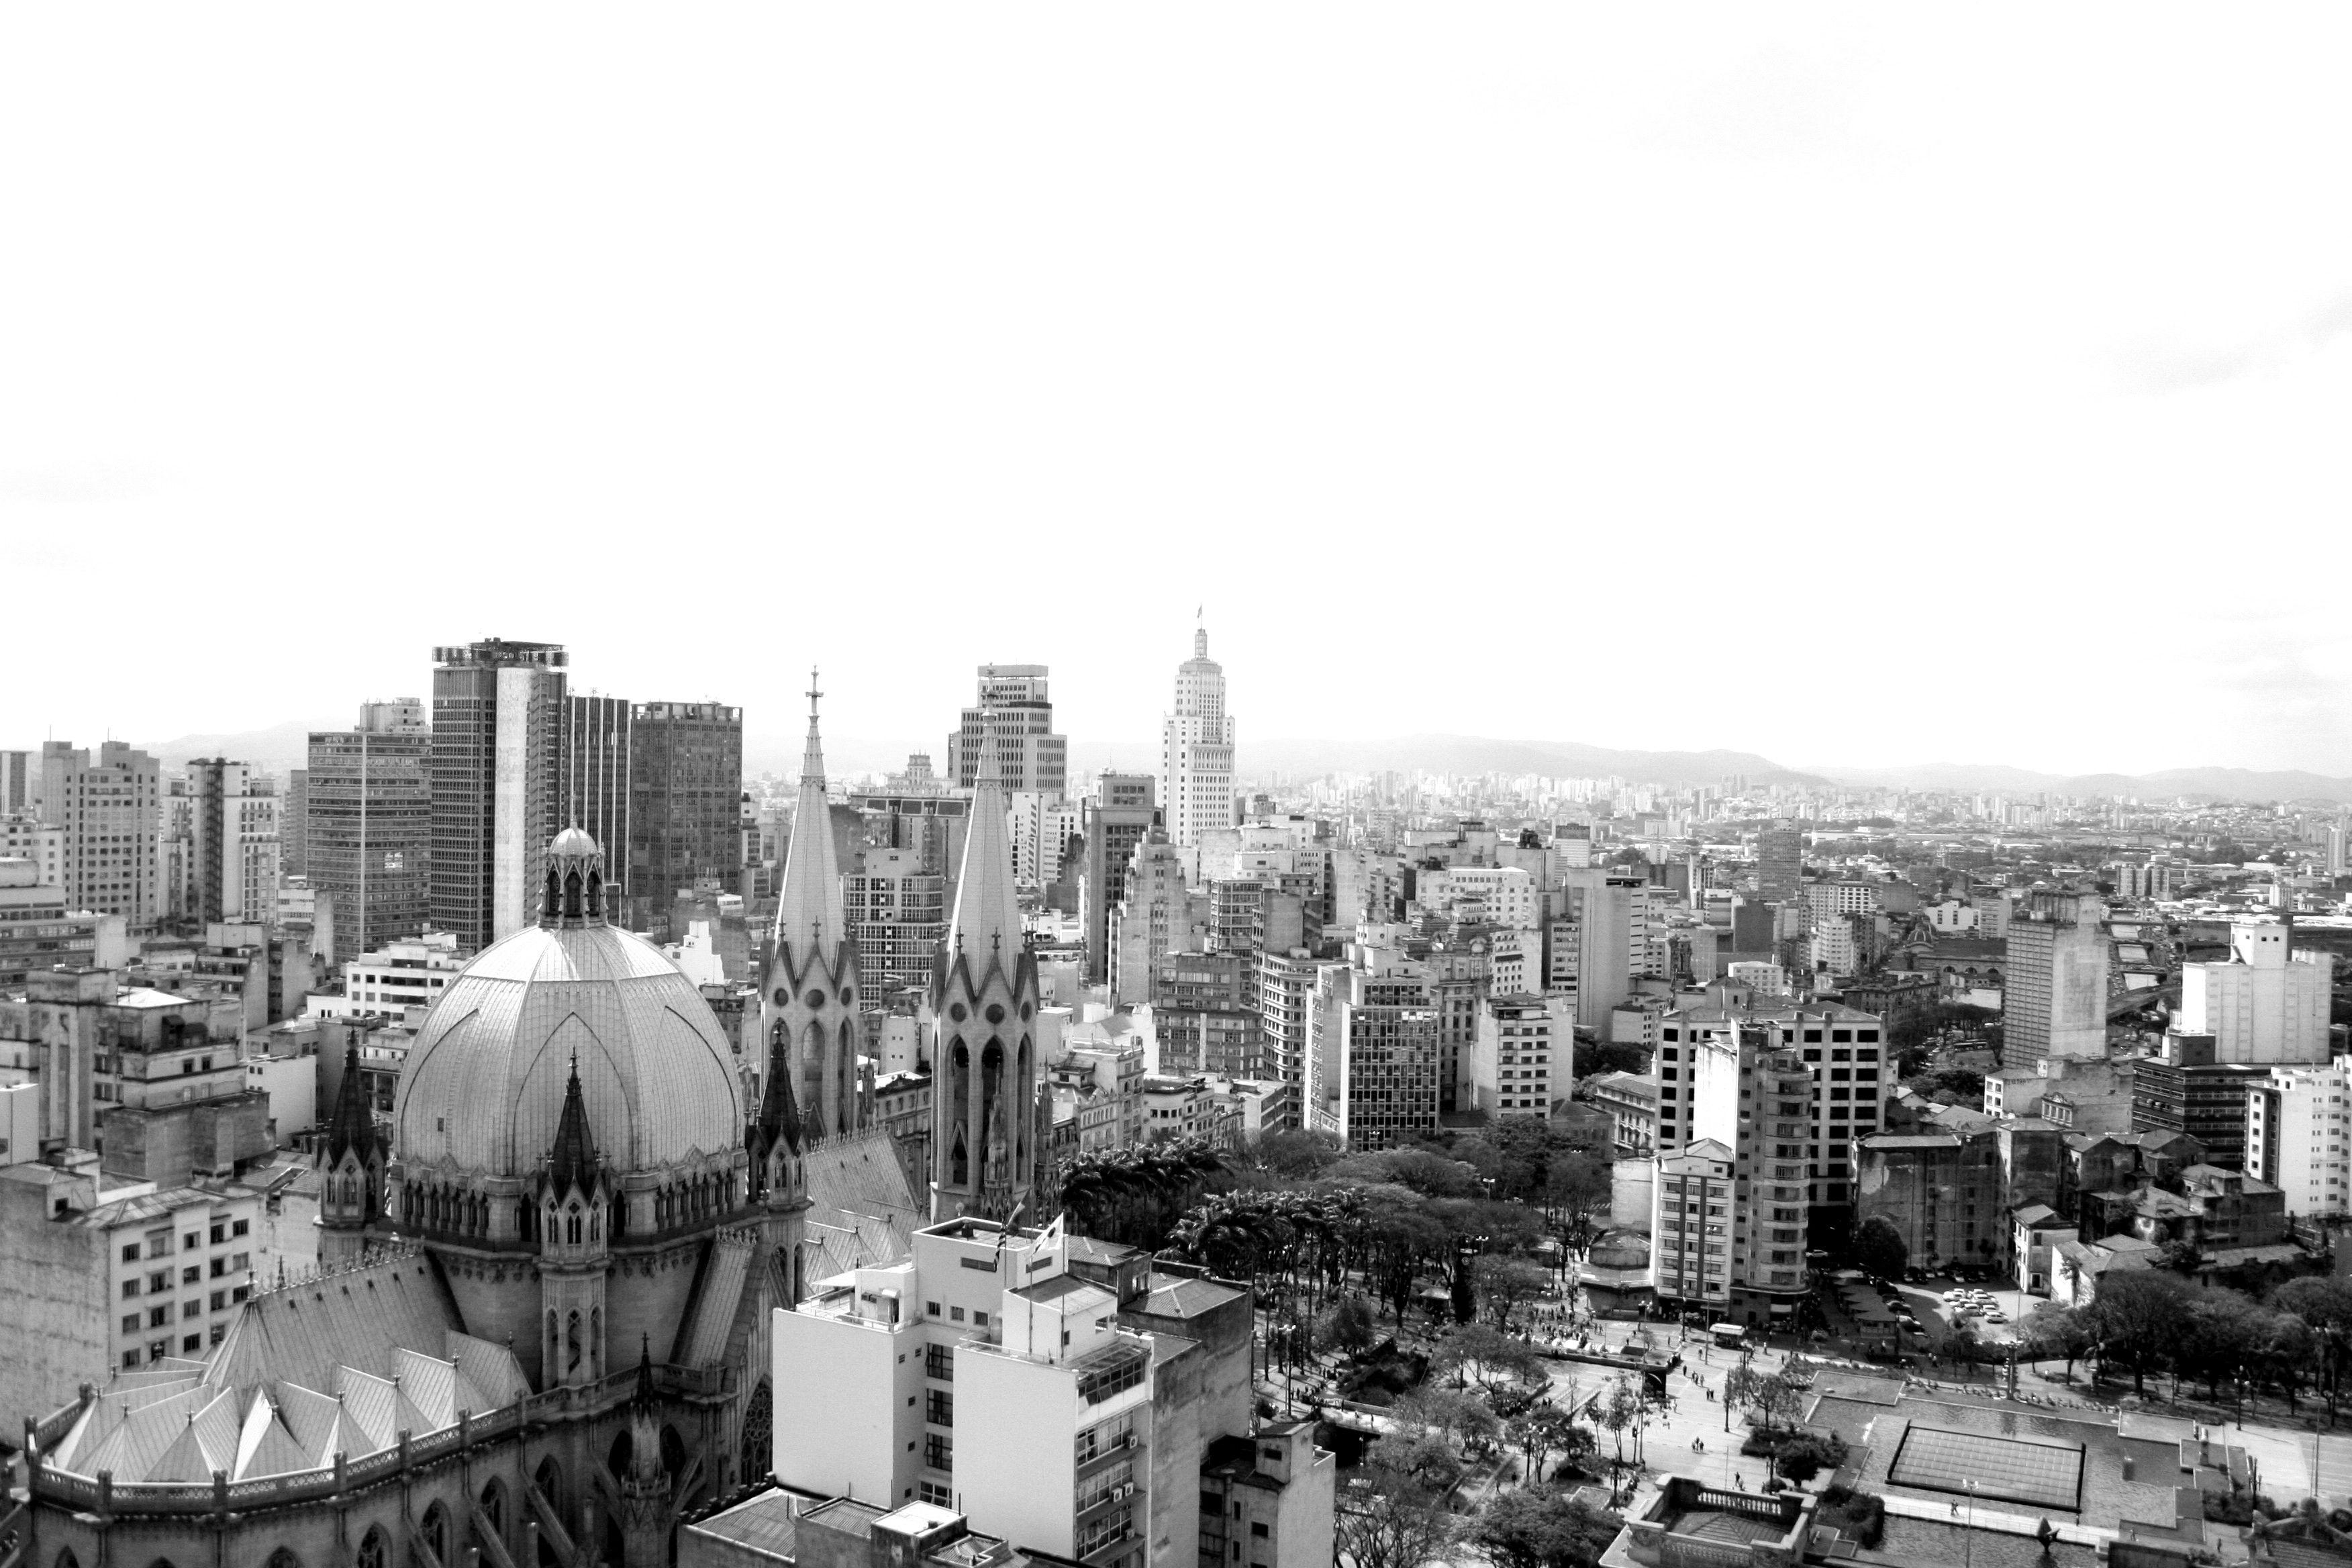 São Paulo - Centro